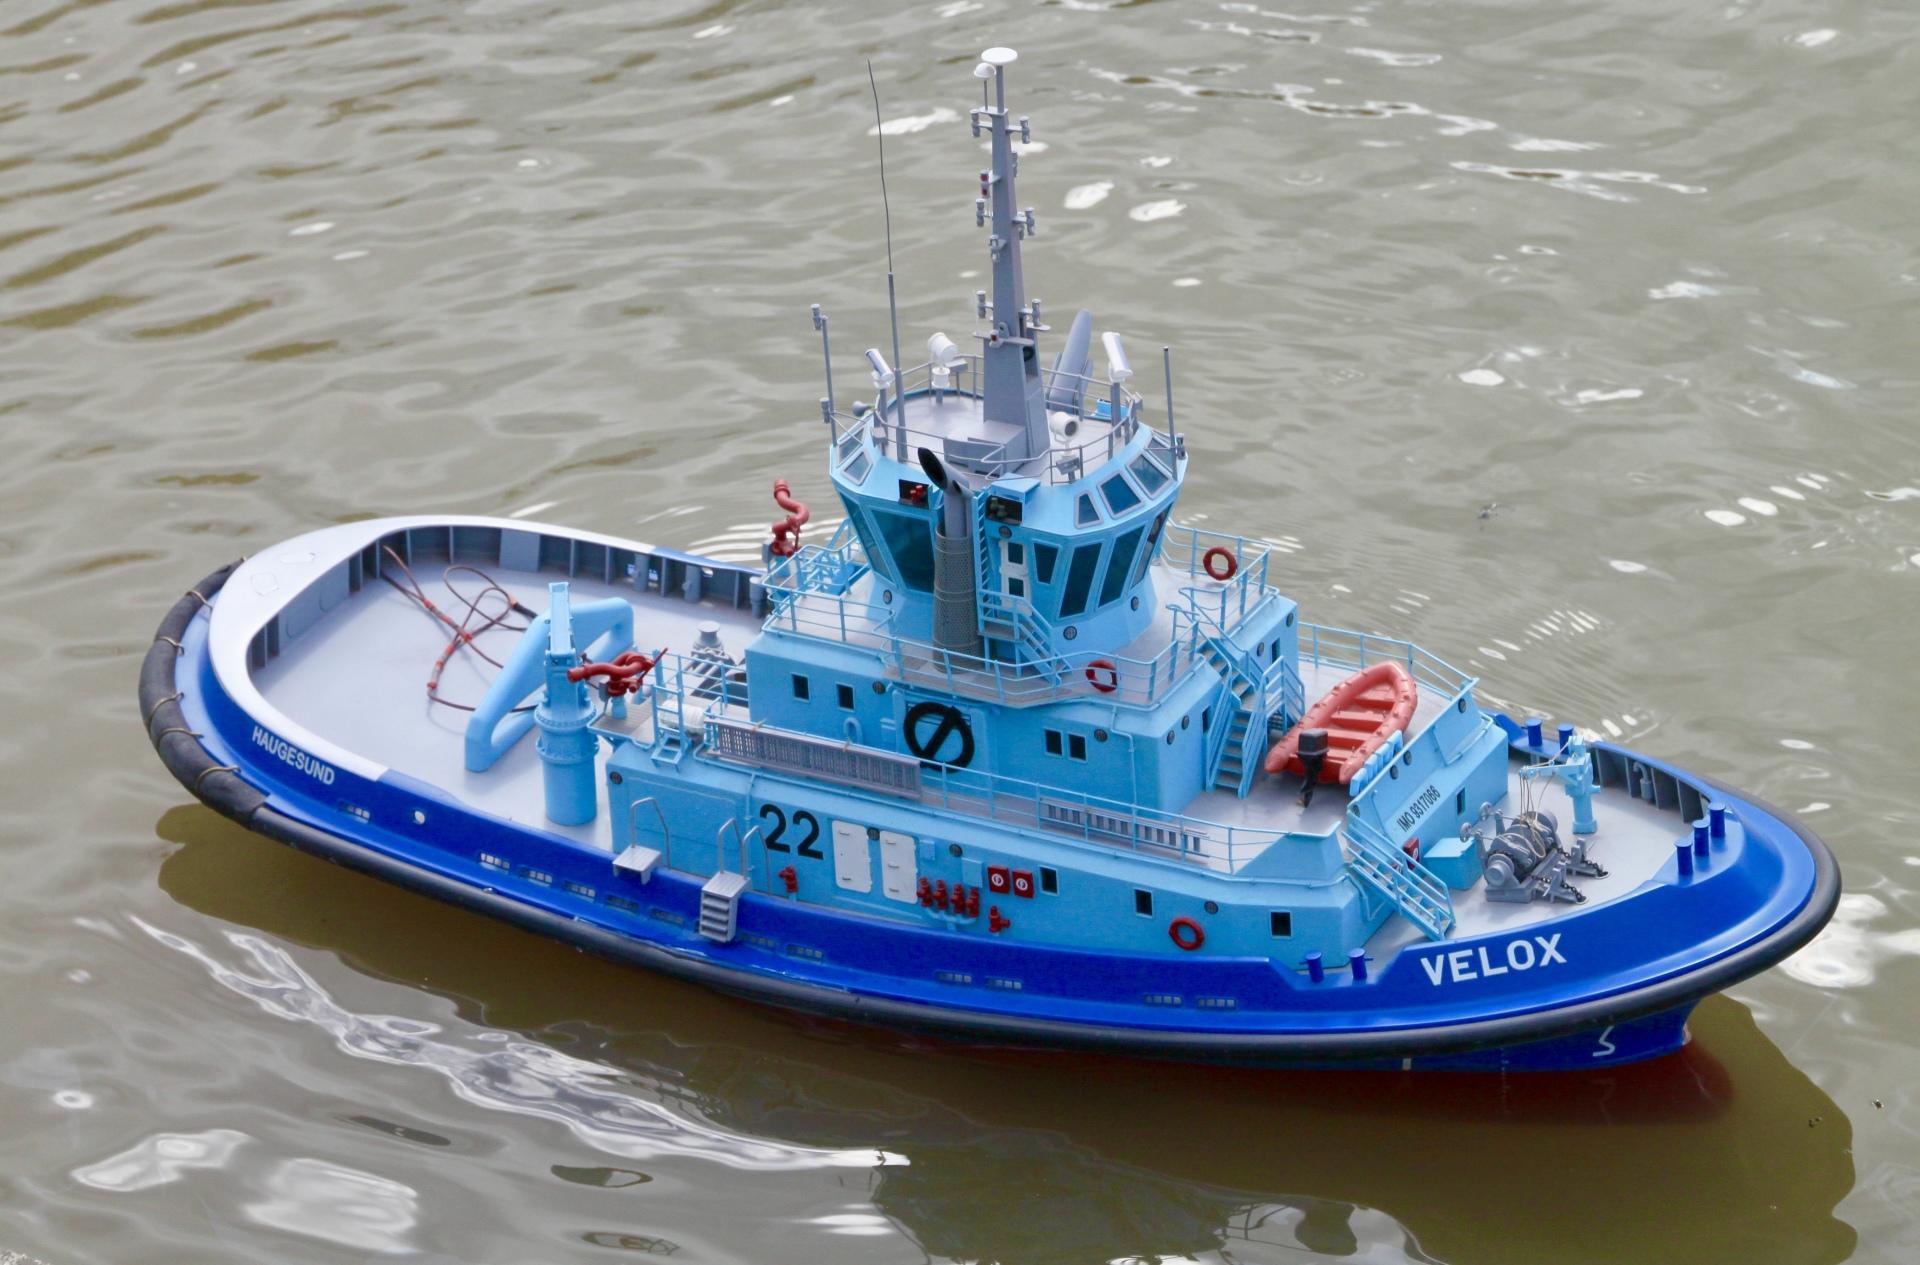 John's Velox